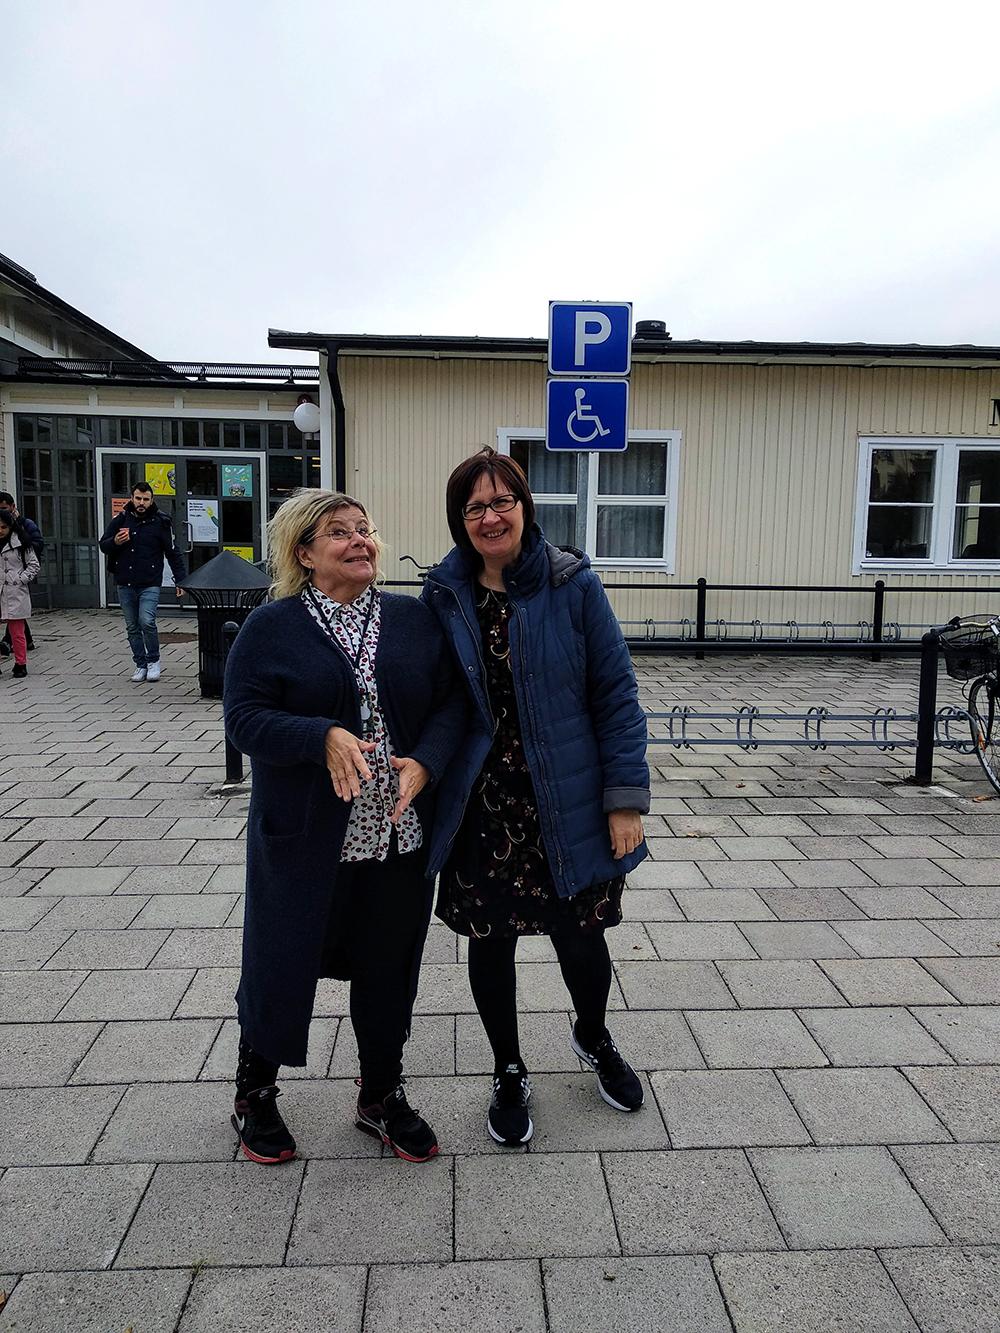 Bild 2. Våra värdar på Högskolan i Gävle. Foto: Inger Måtts-Wikström